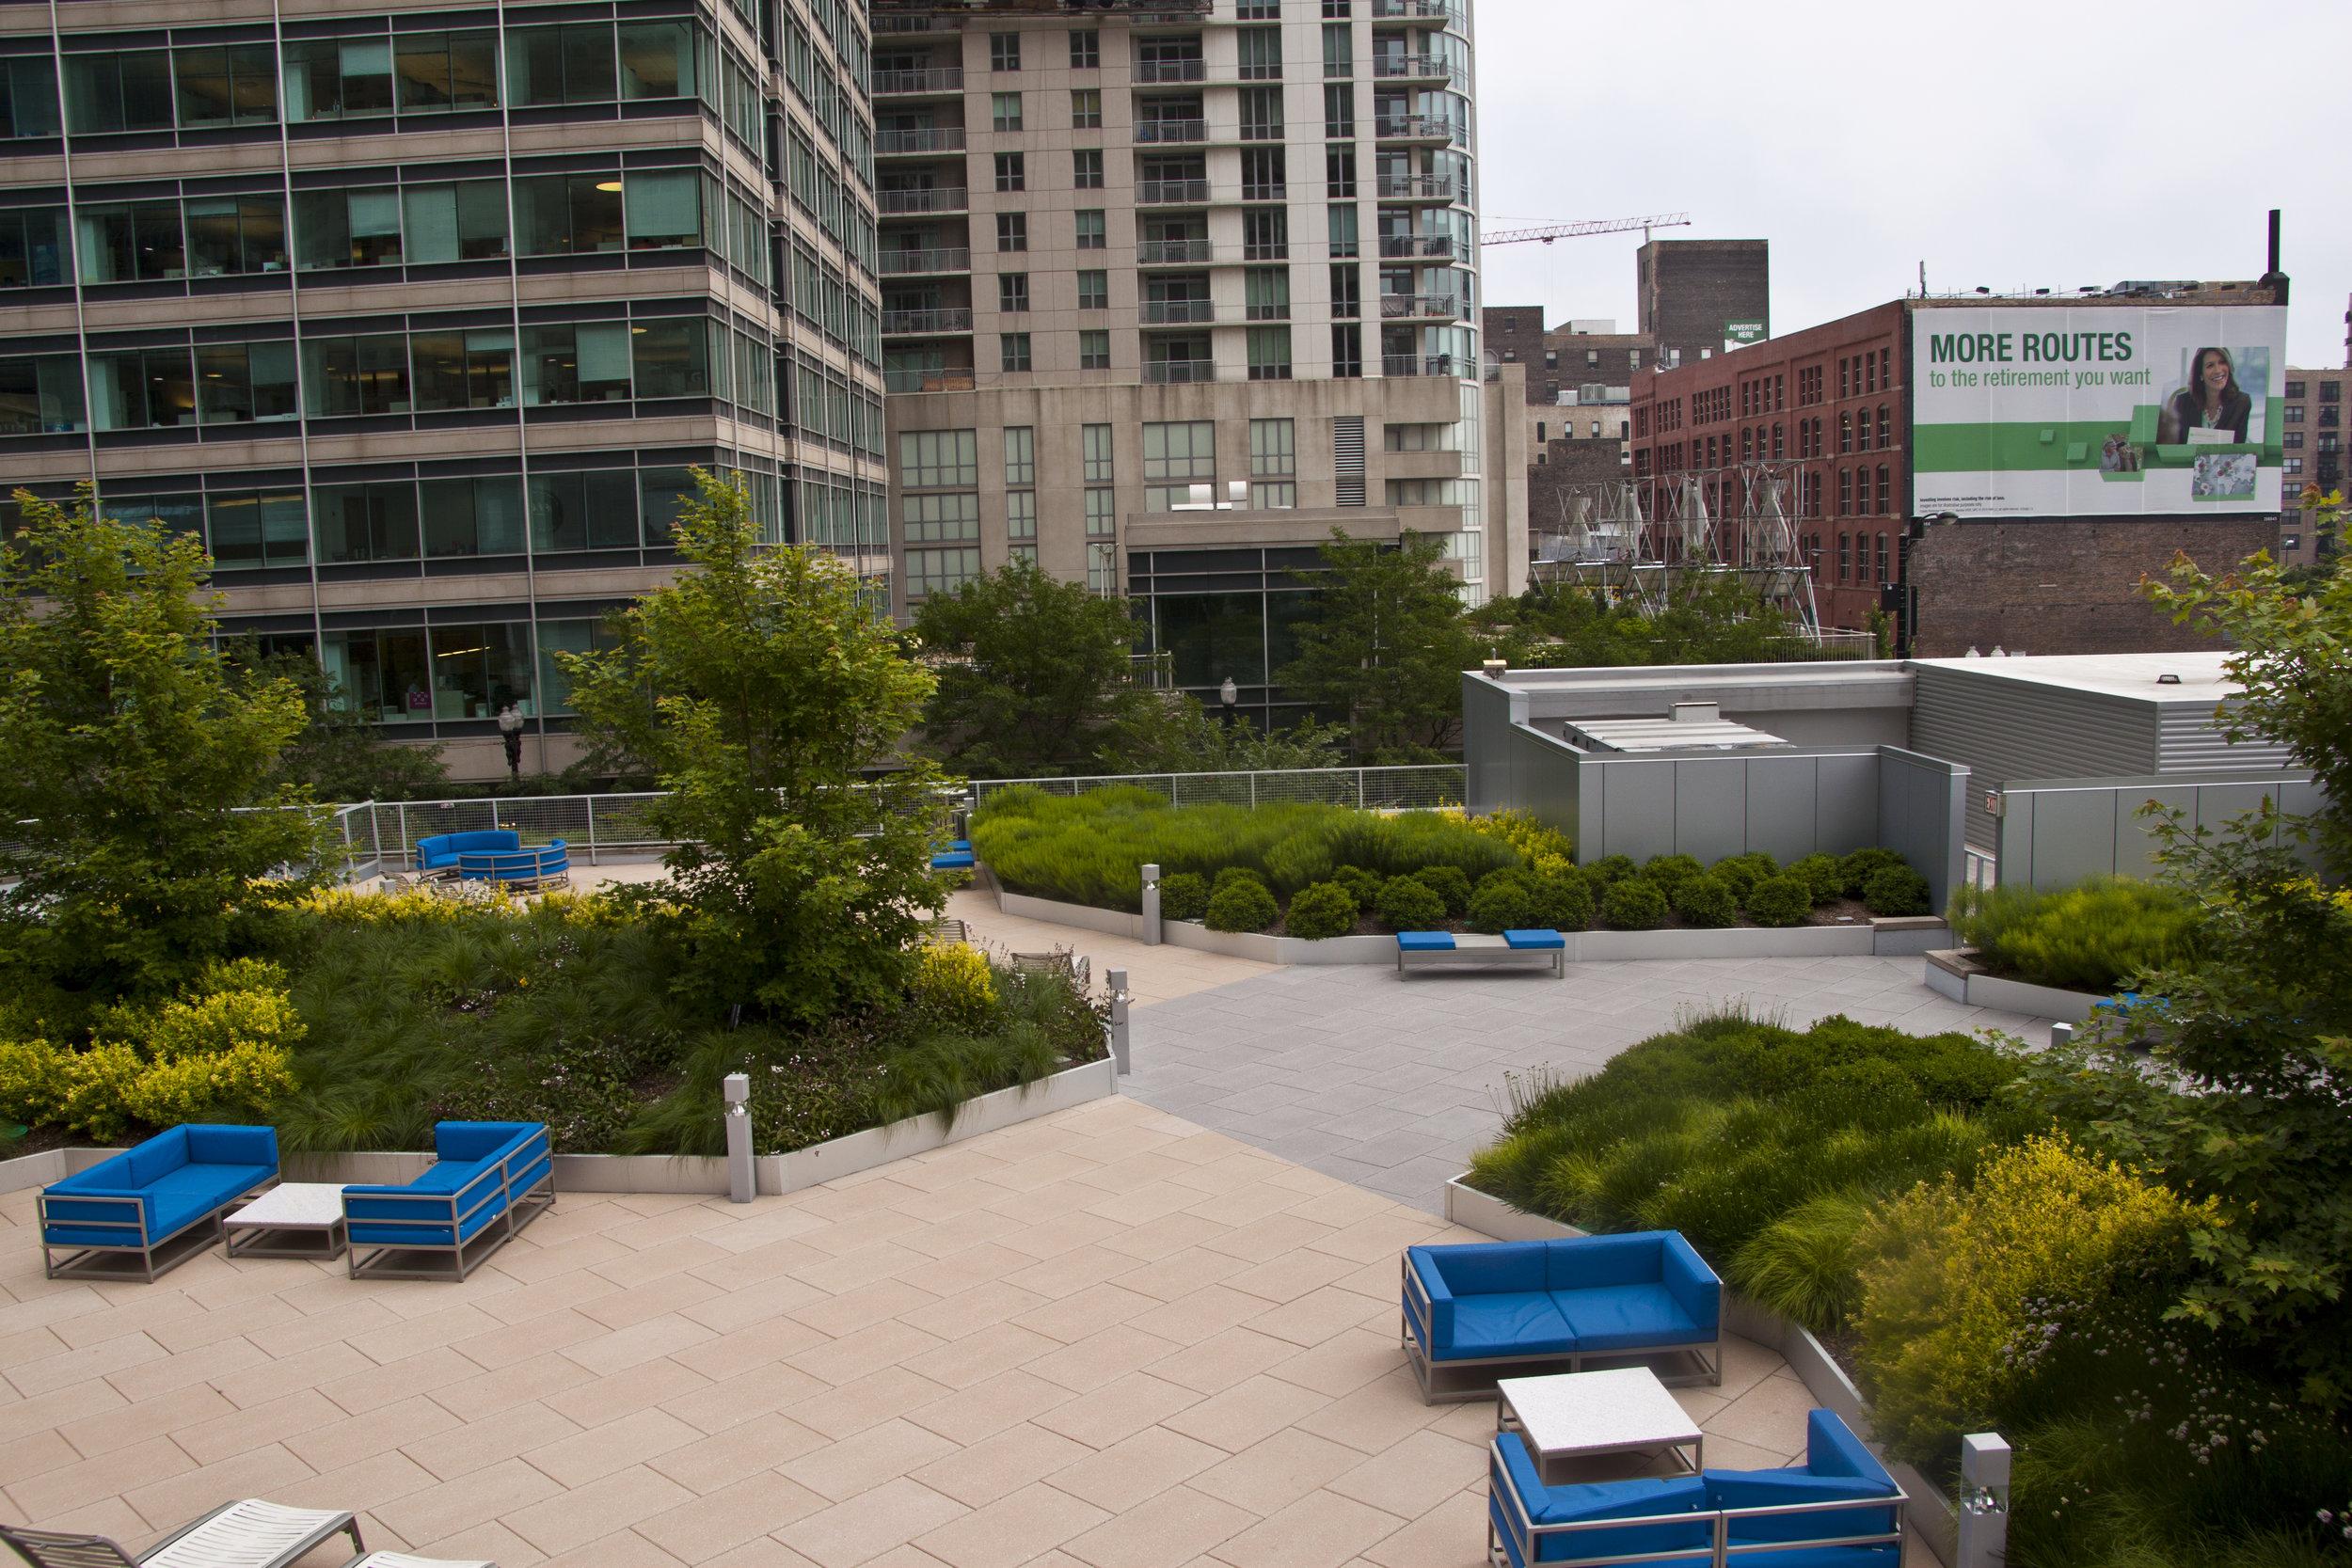 1-CWL_Pres_Towers-rooftop_6-24-2014 (107).jpg